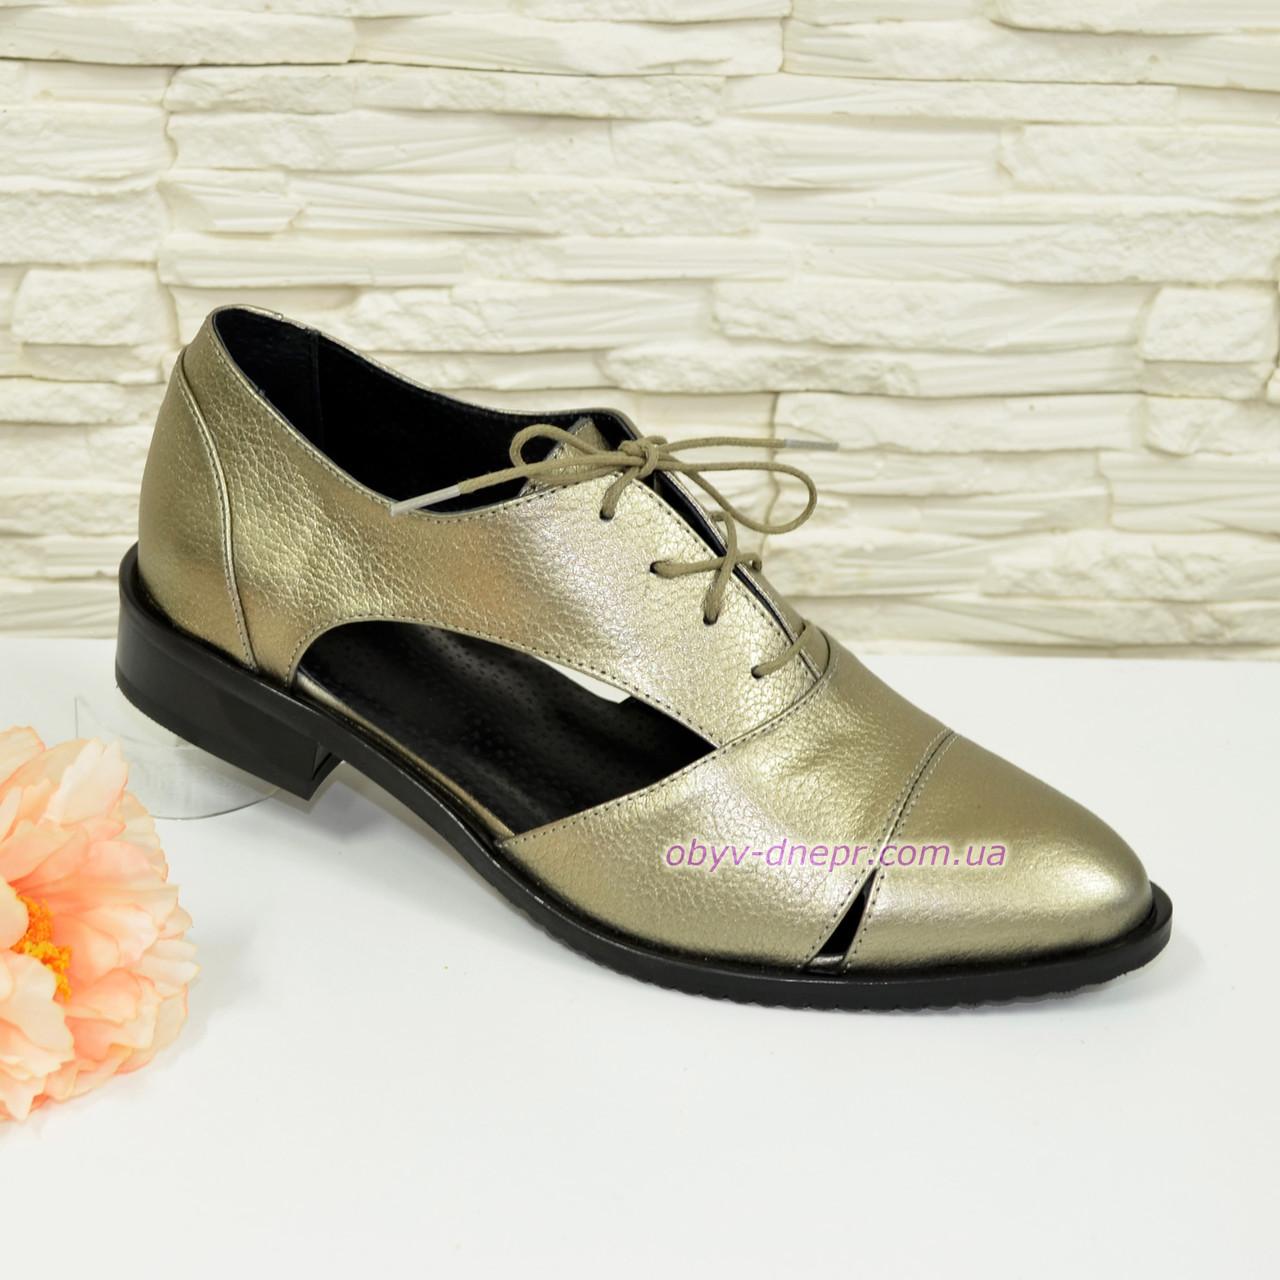 Кожаные туфли женские на низком ходу, цвет бронза.